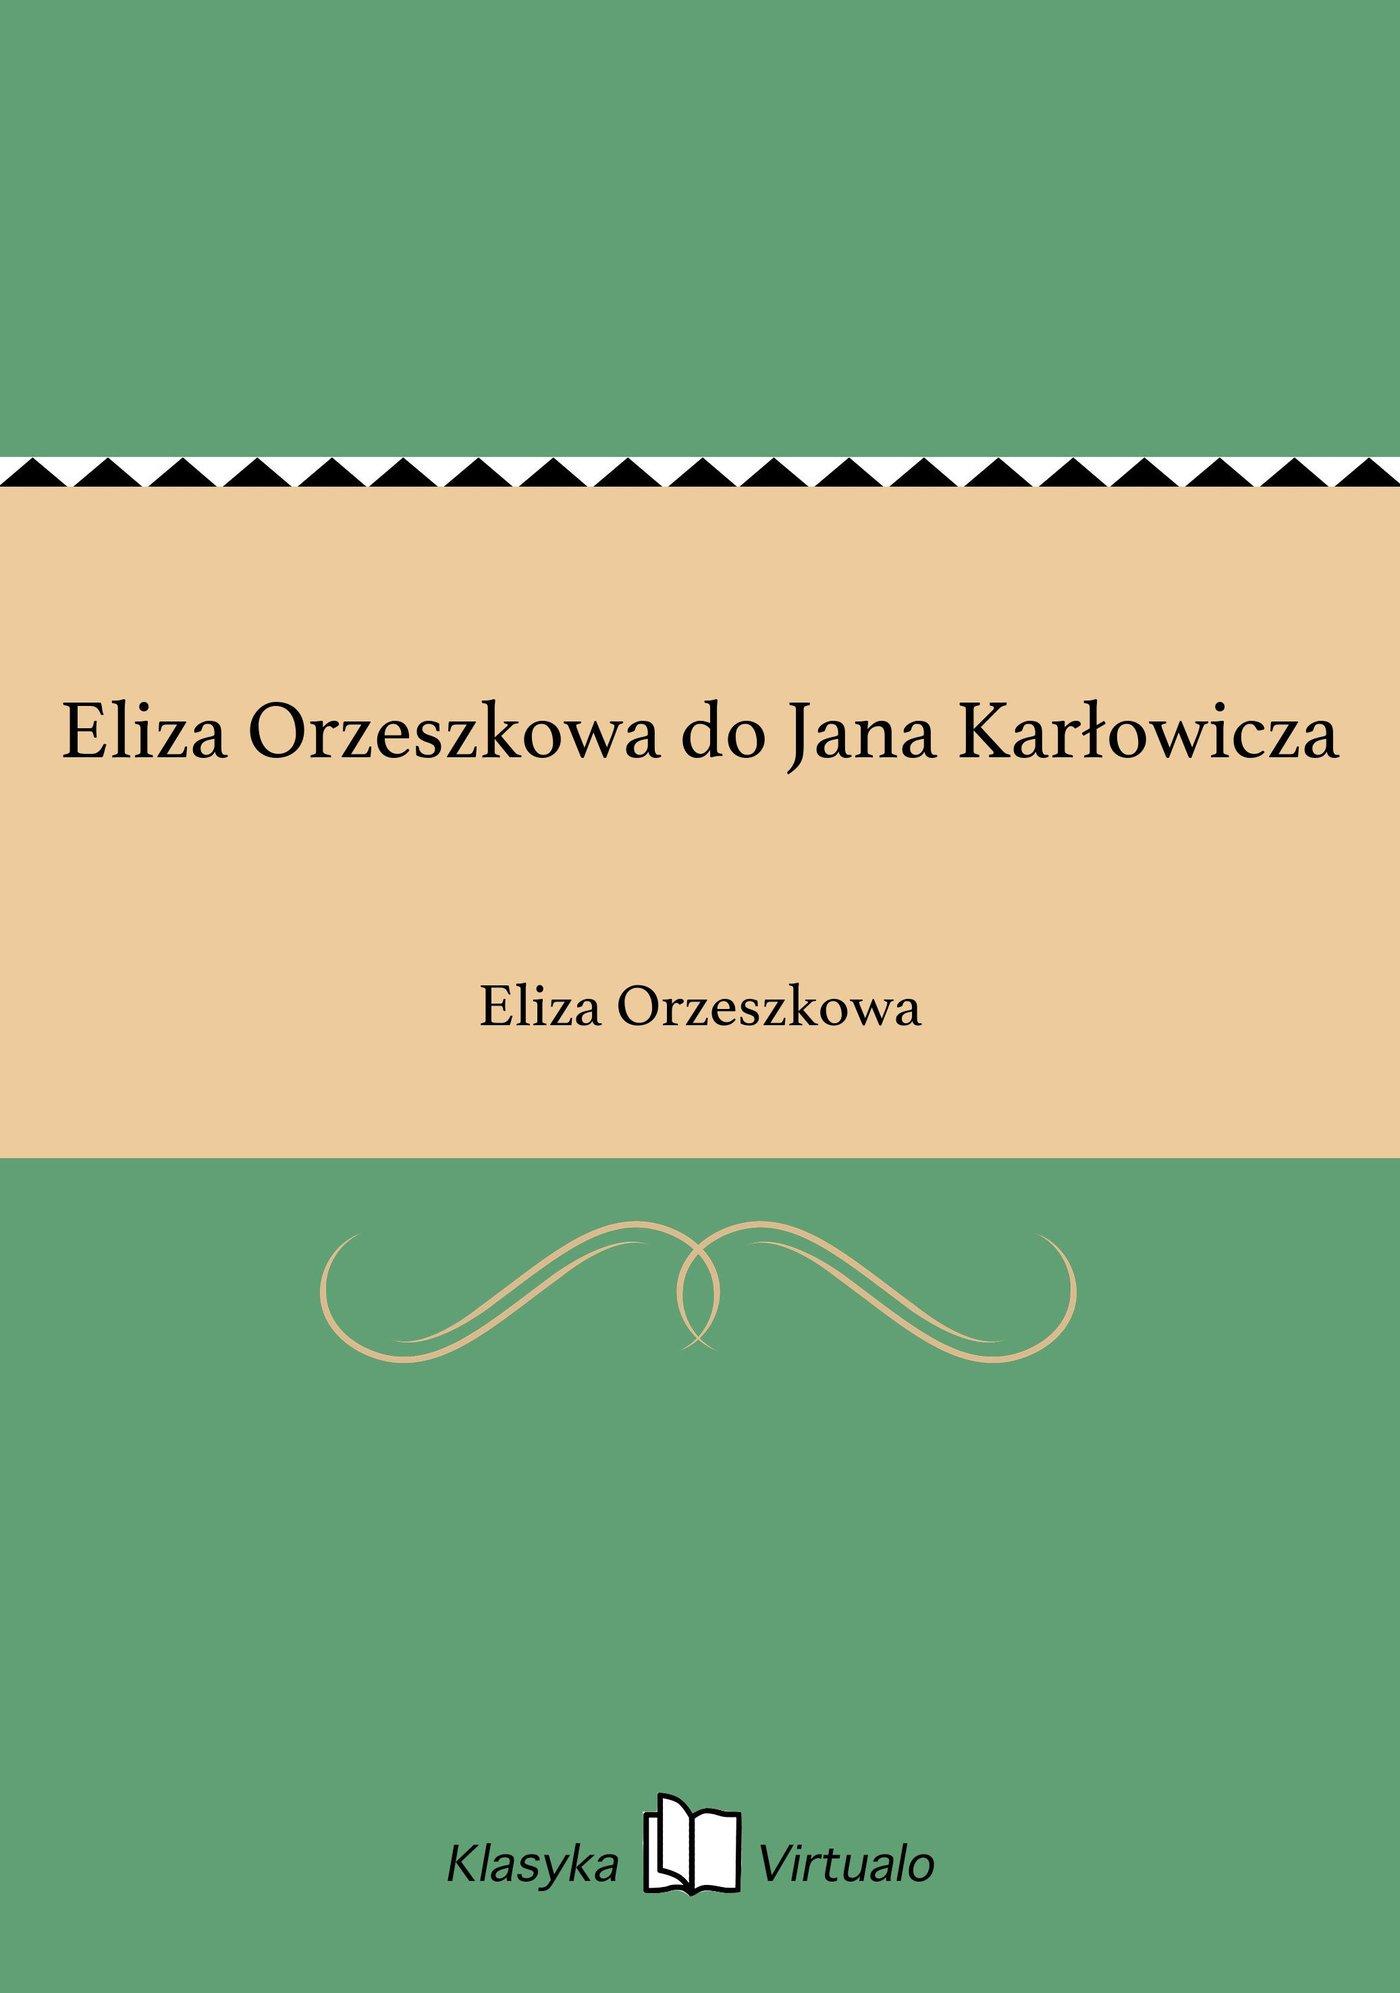 Eliza Orzeszkowa do Jana Karłowicza - Ebook (Książka na Kindle) do pobrania w formacie MOBI